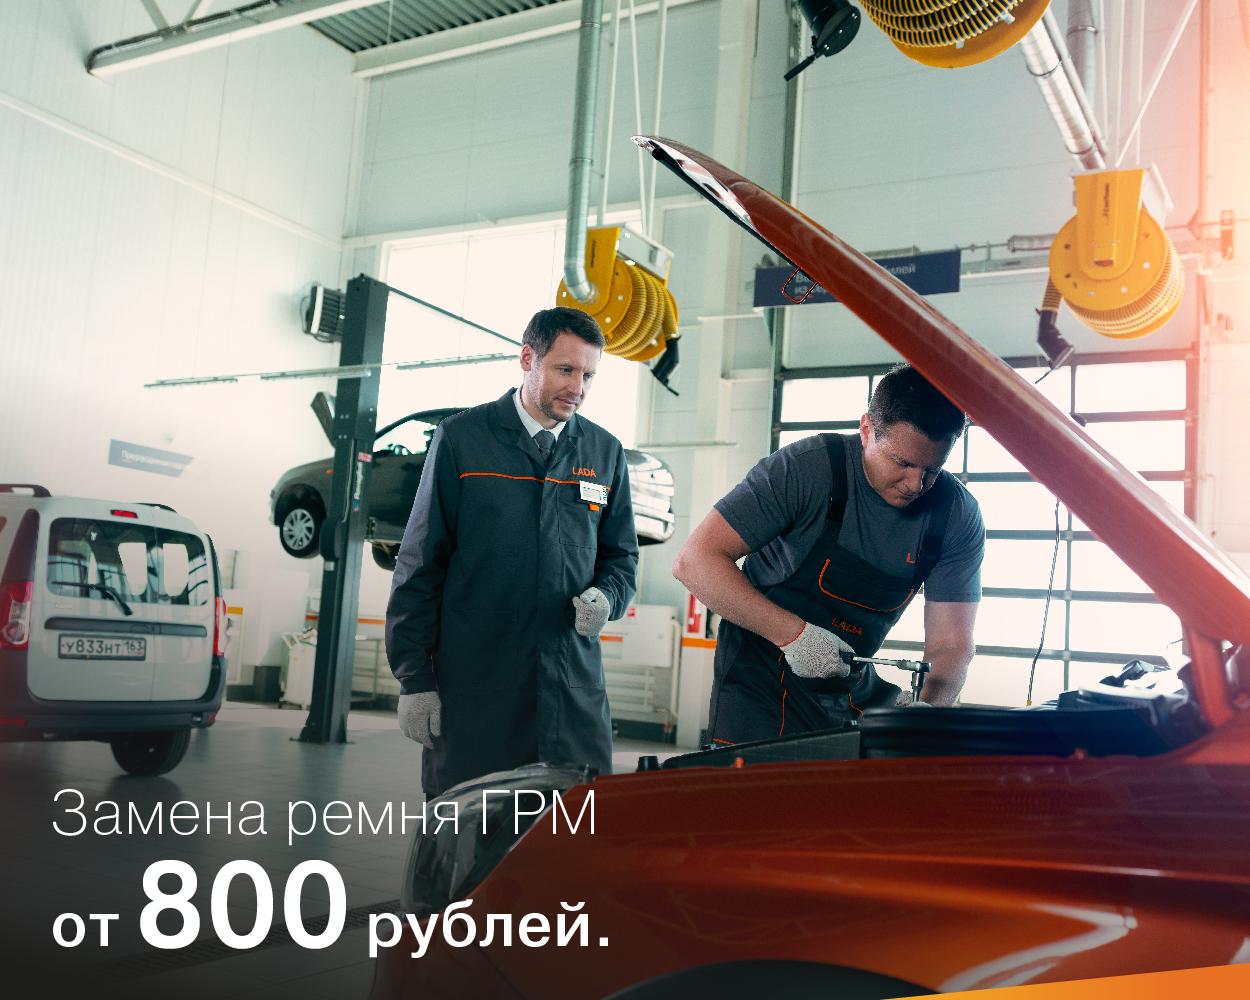 Замена ремня ГРМ от 800 рублей.